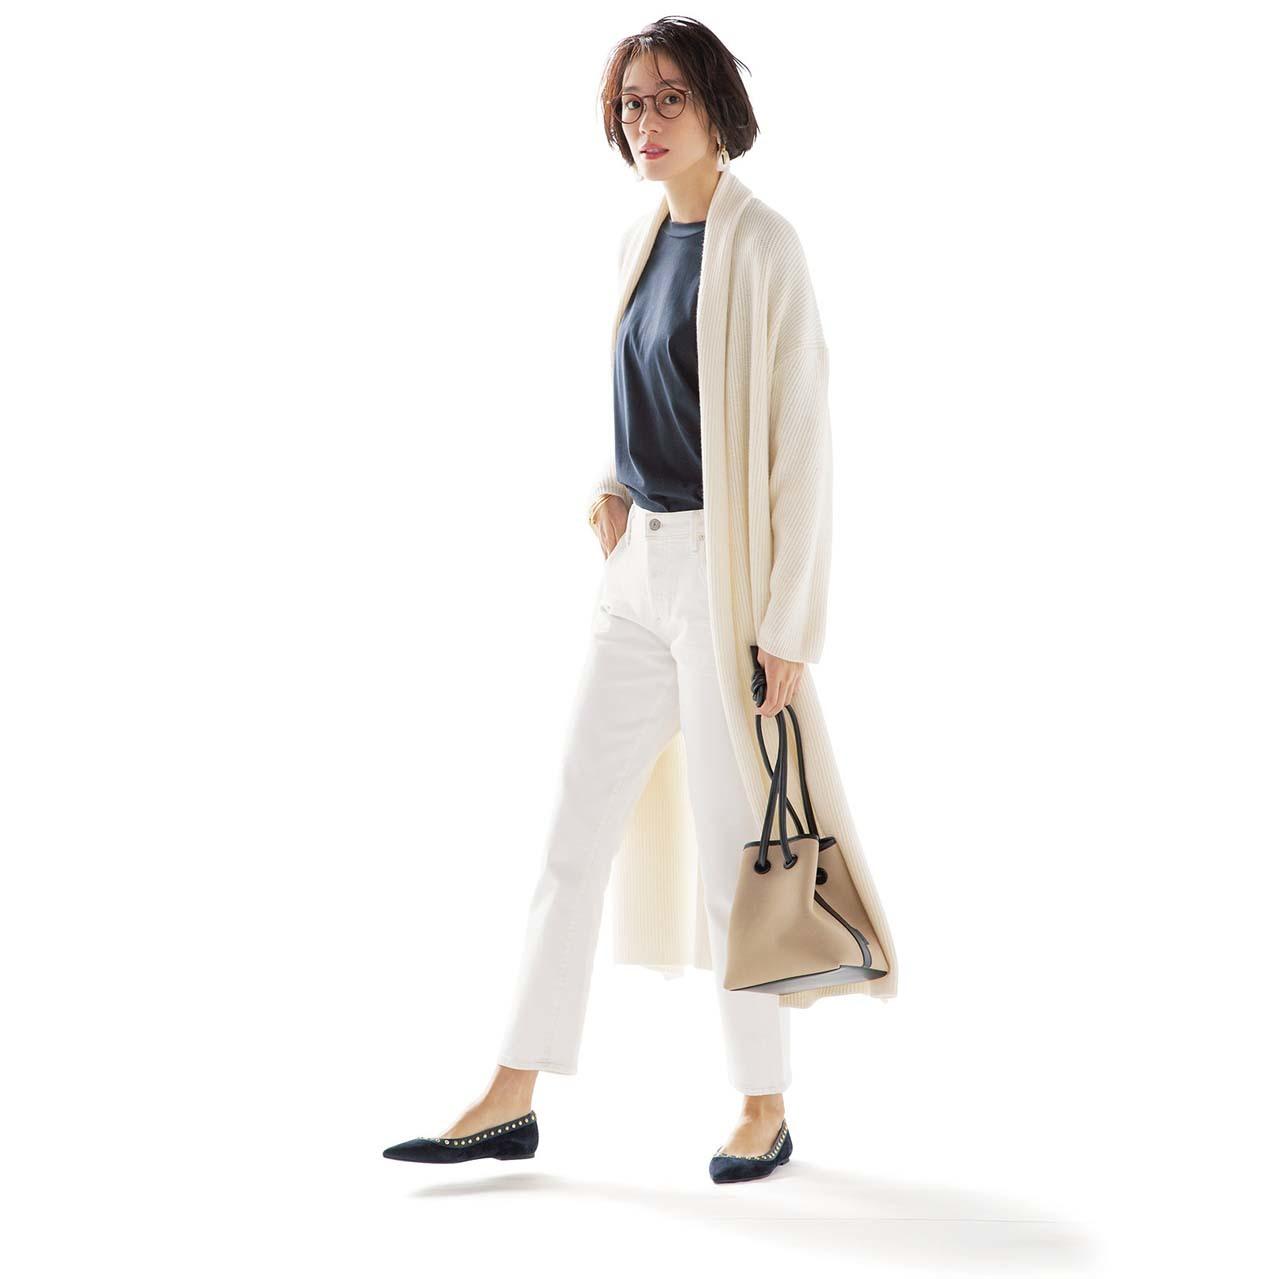 ロングカーディガン×白デニムパンツコーデを着たモデルの竹内友梨さん